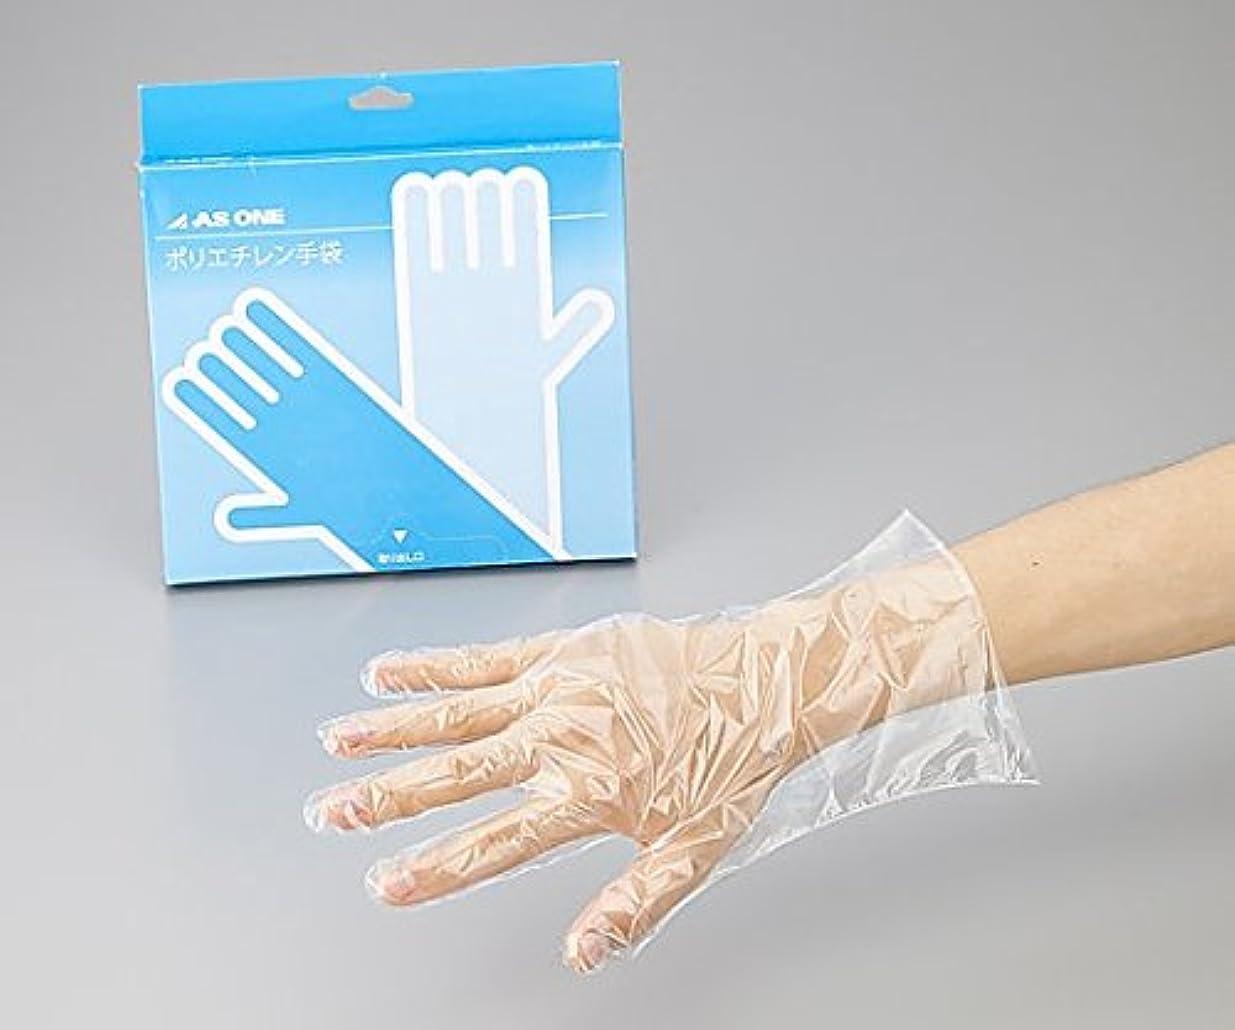 飲み込む拡大する維持アズワン2-4974-03ポリエチレン手袋ヘビー厚手S100枚入